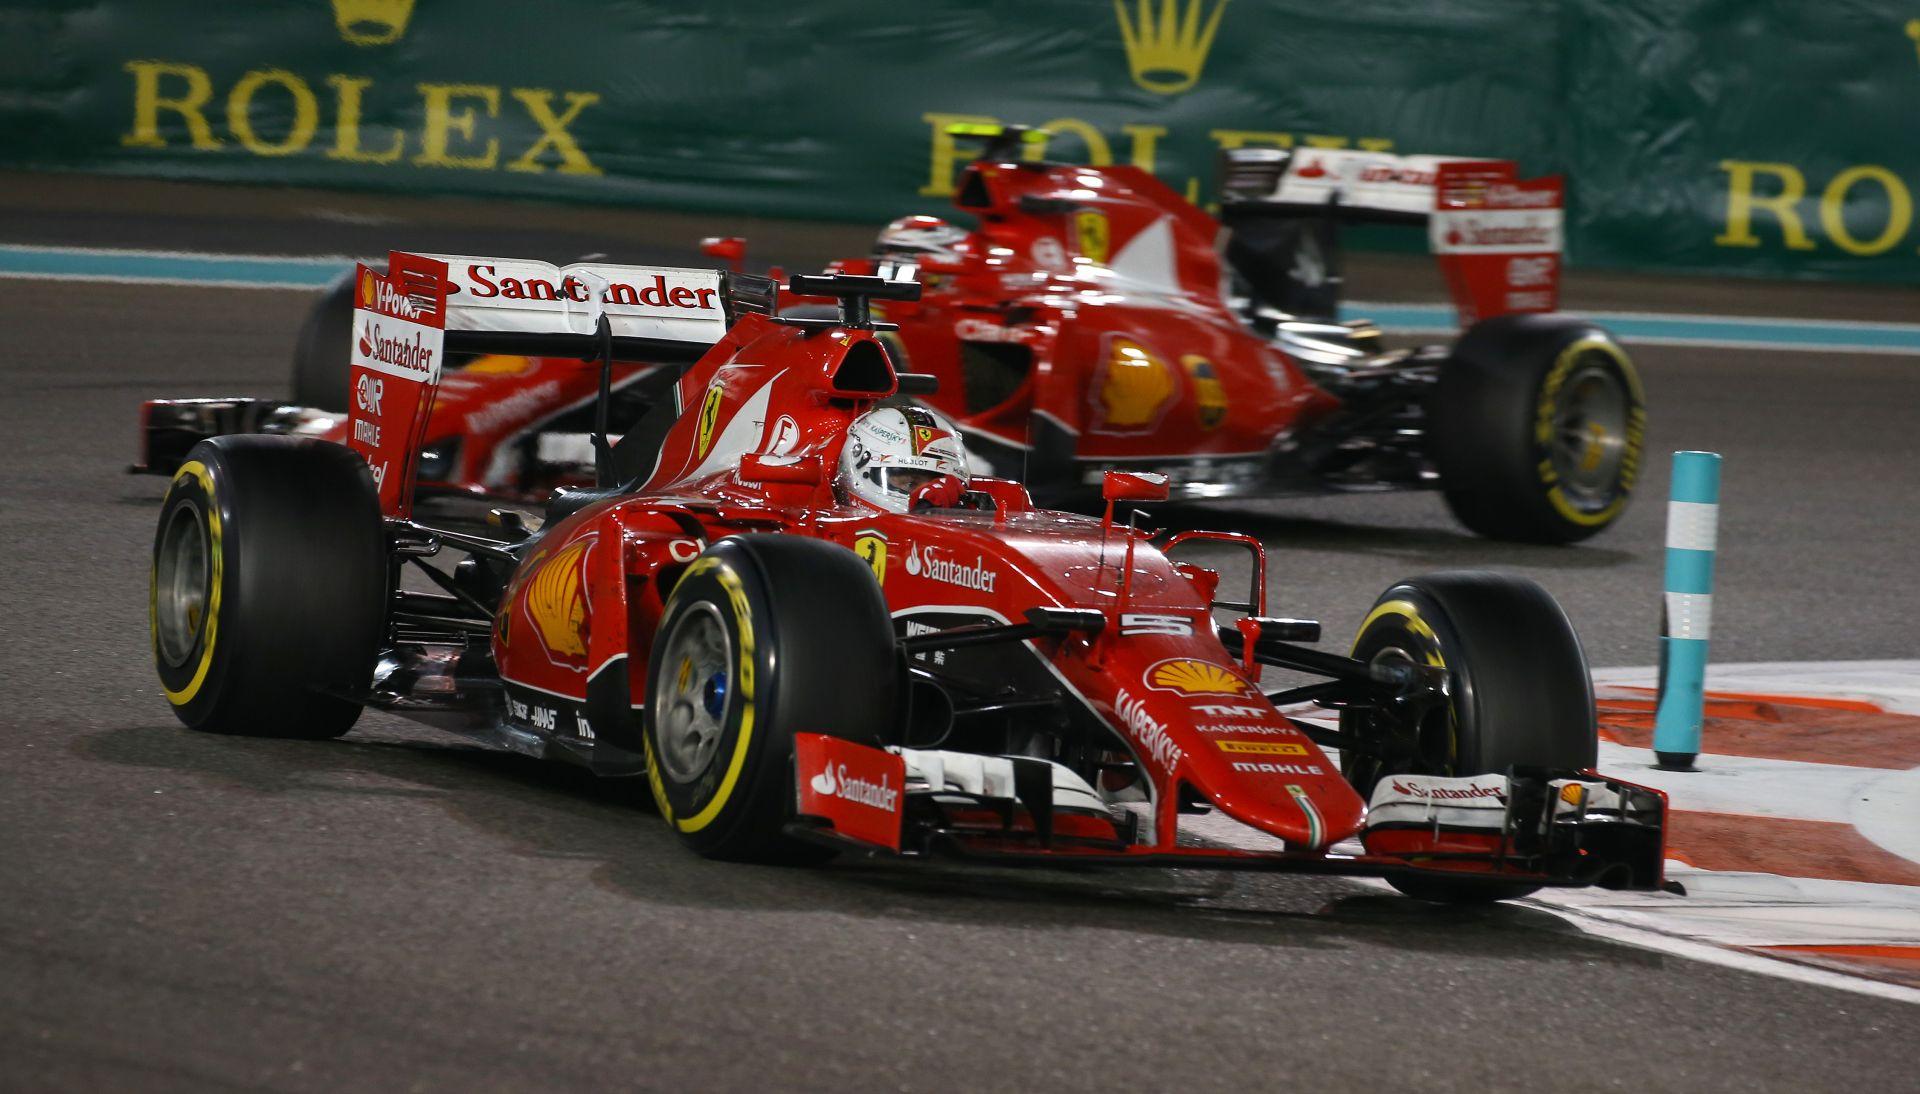 Szavazás: szerinted Raikkönen le fogja győzni idén Vettelt a Ferrarinál?